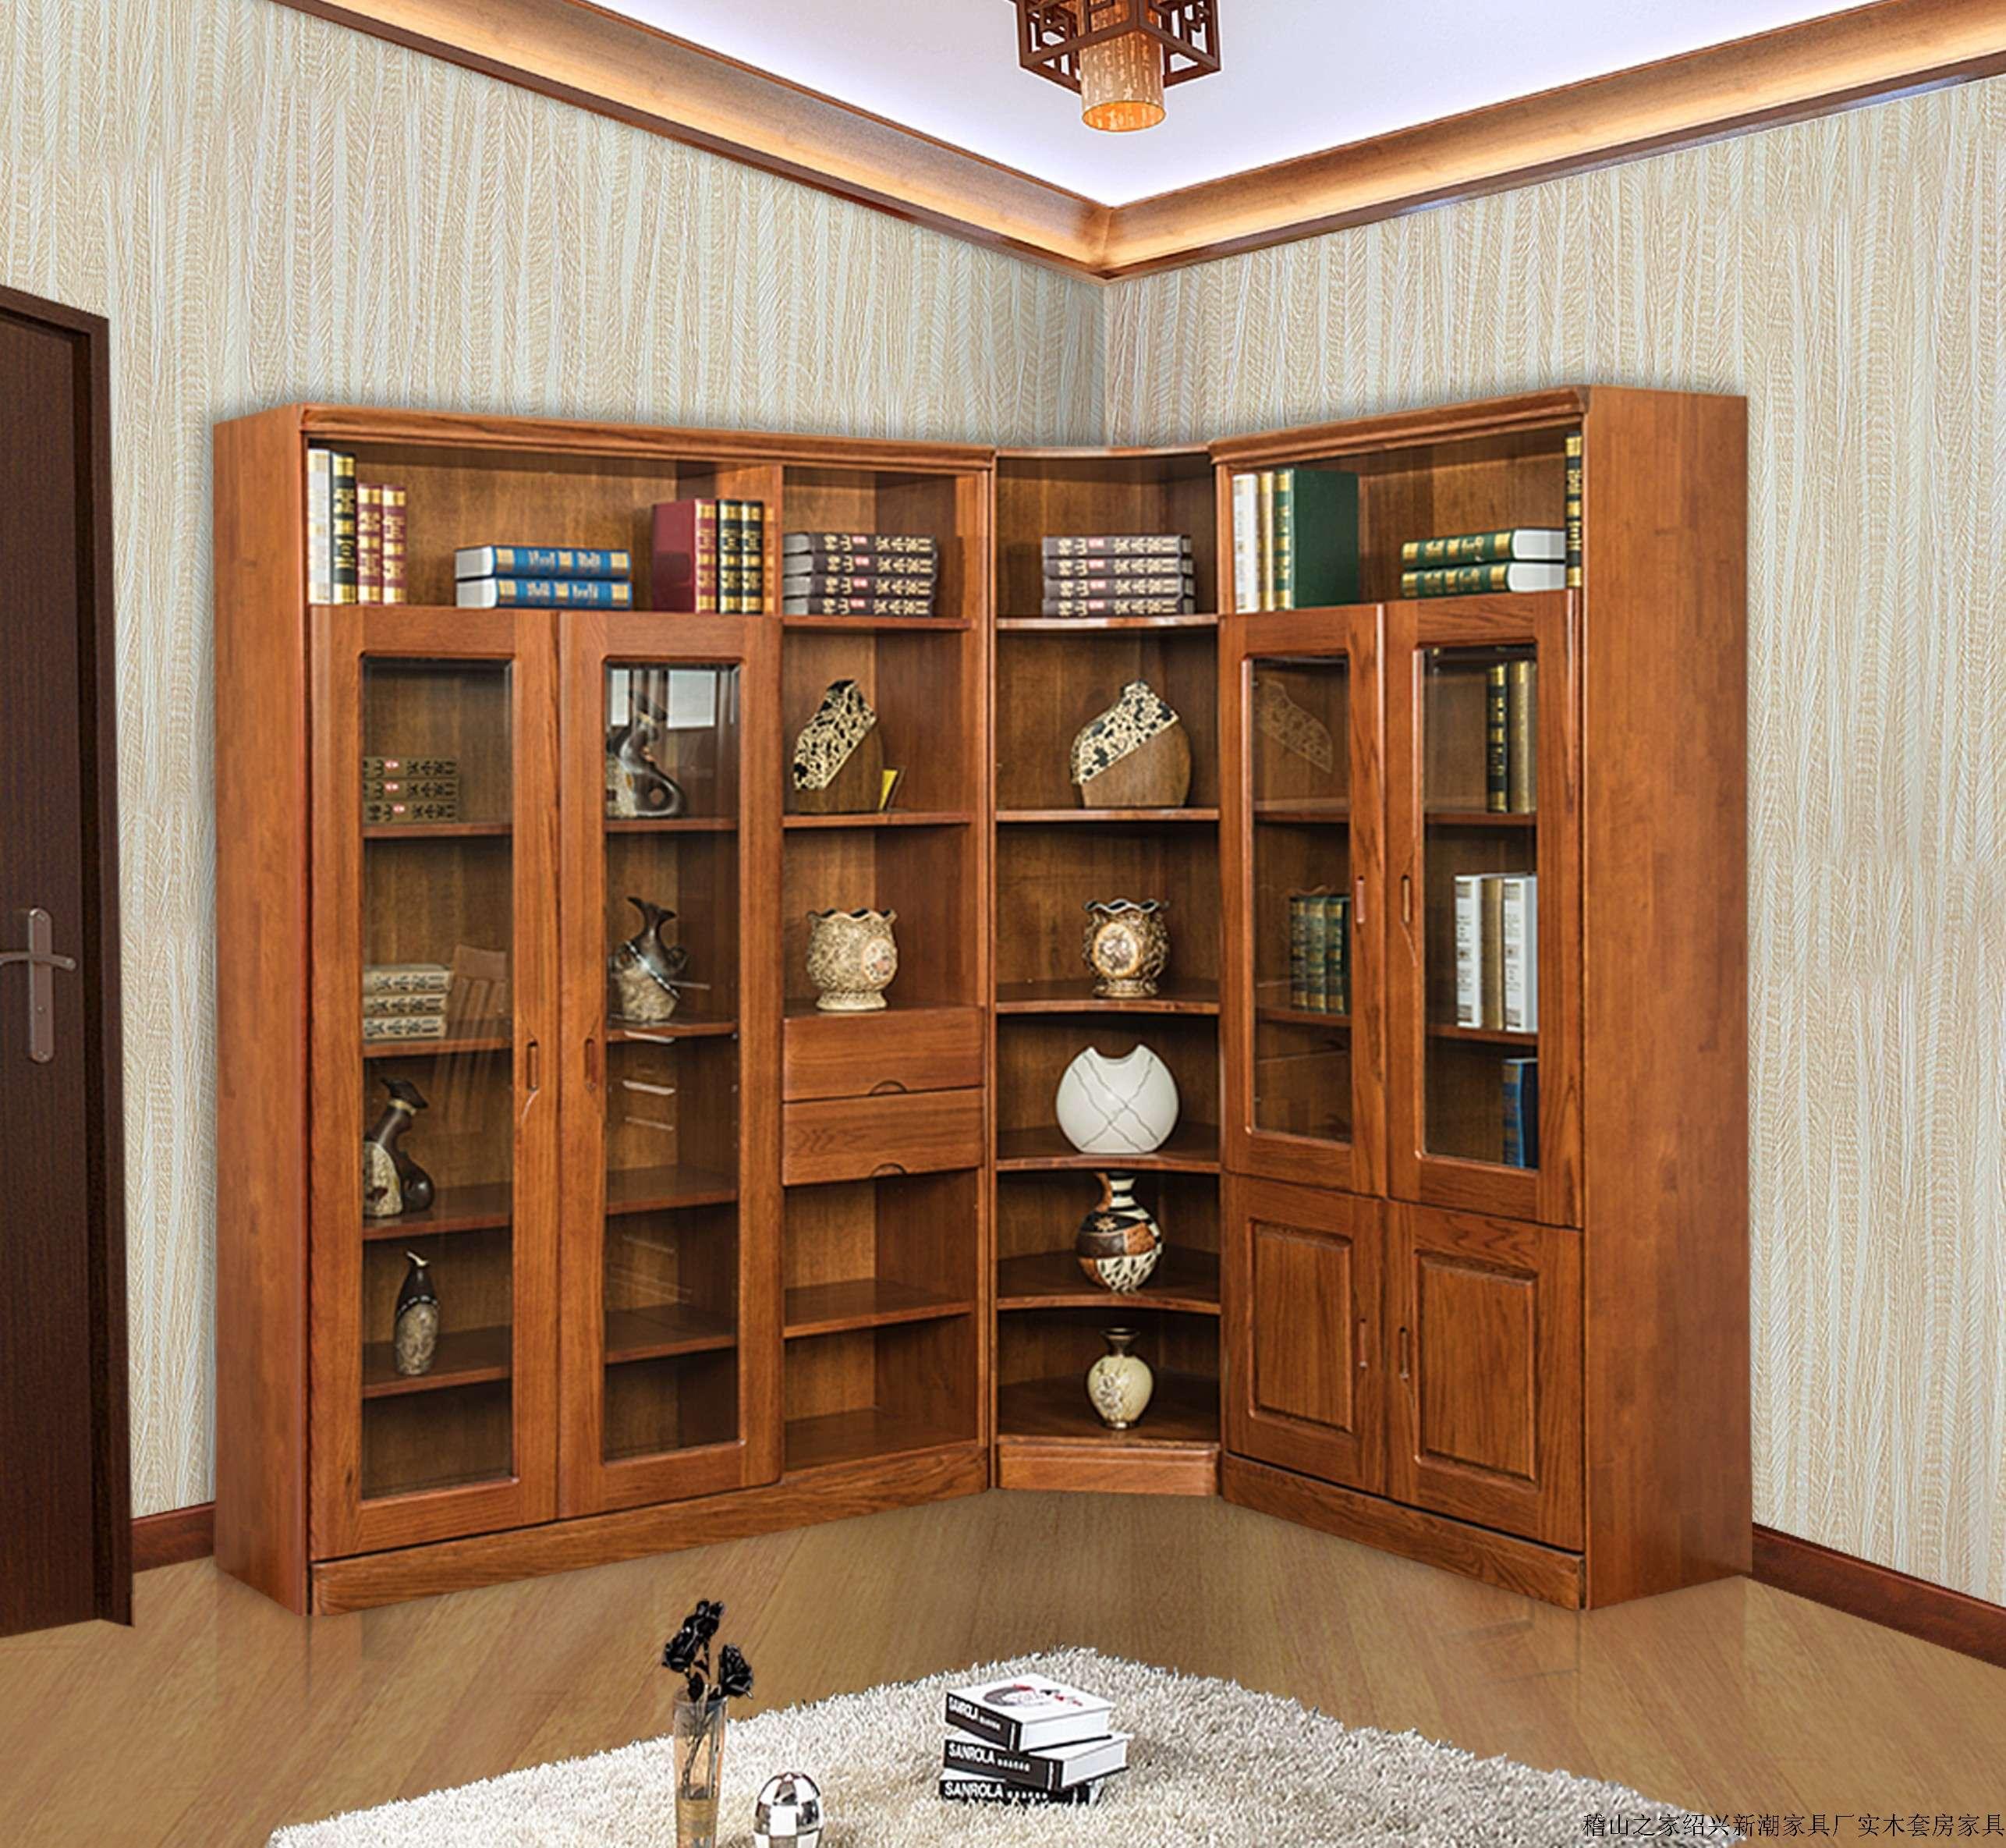 产品详情 分享到: 编号: 703转角书柜 类型: 书房系列 价格: ¥11000